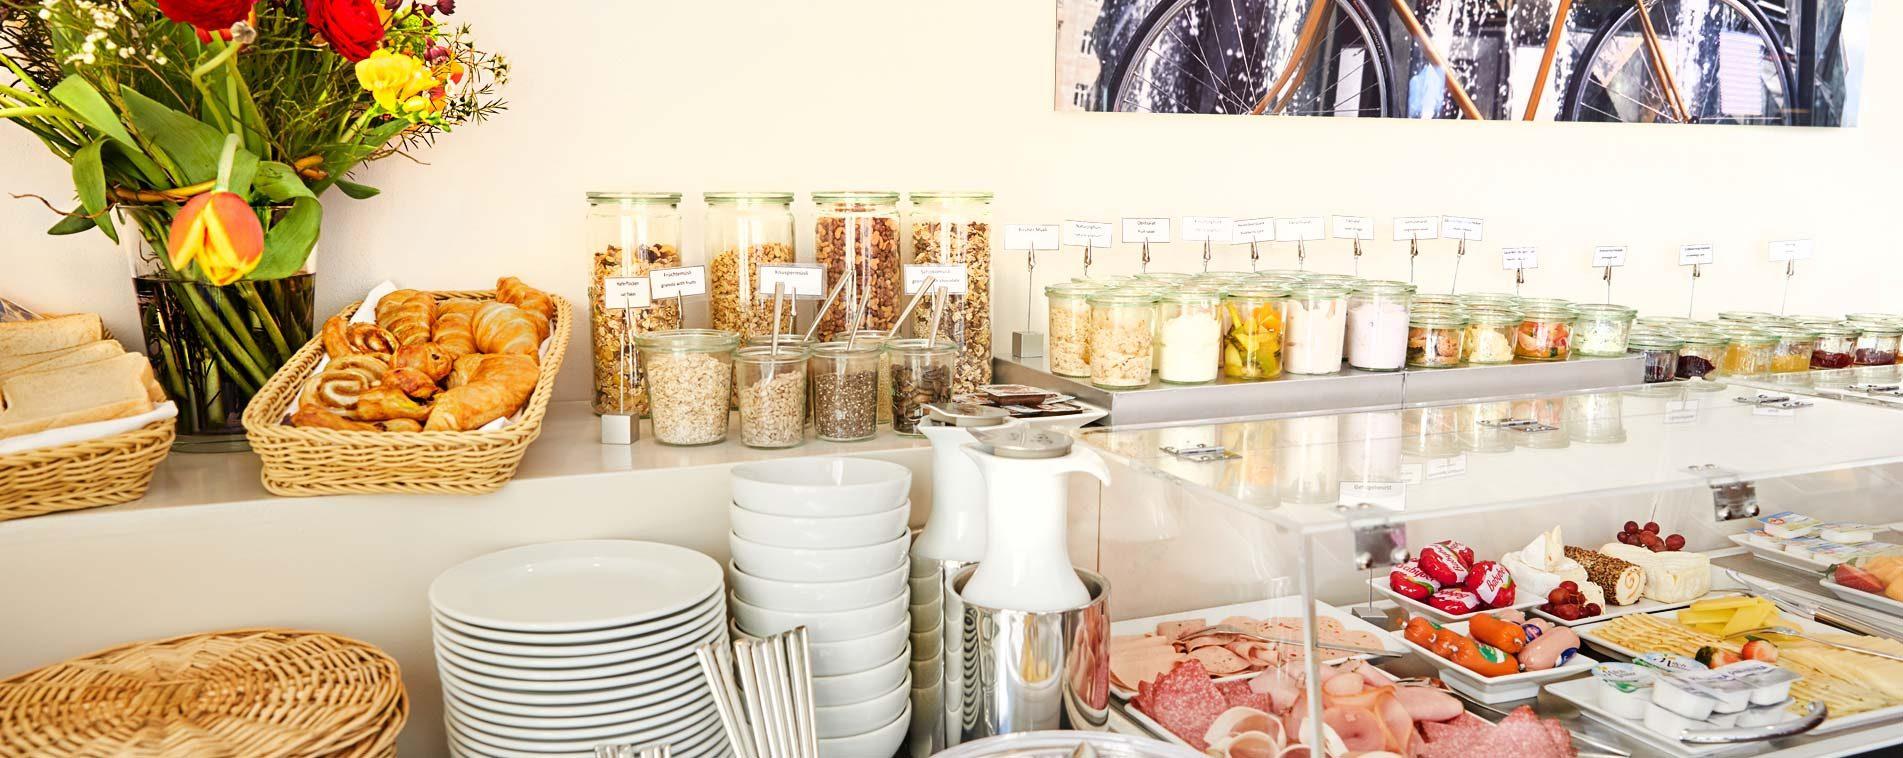 FLOTTWELL BERLIN Hotel - breakfast buffet